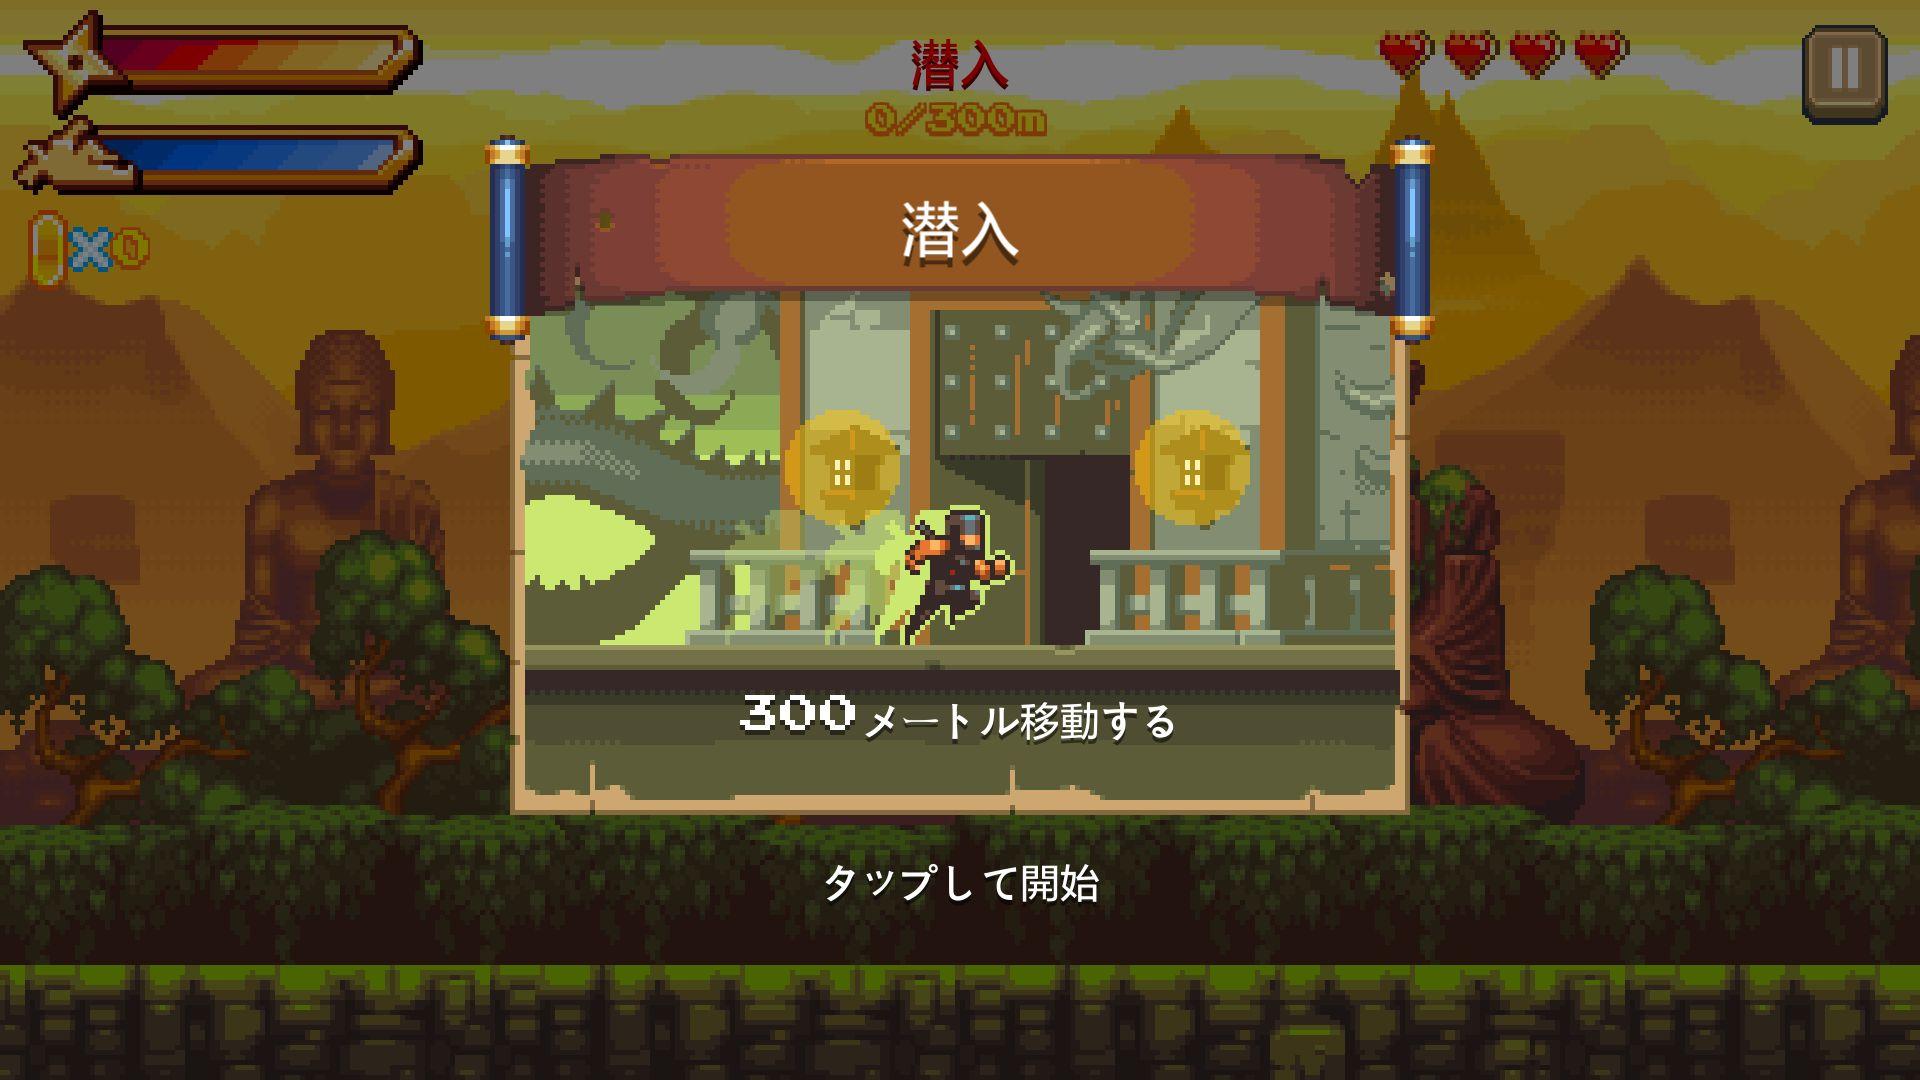 ニンジャオーサム(NinjAwesome) androidアプリスクリーンショット2